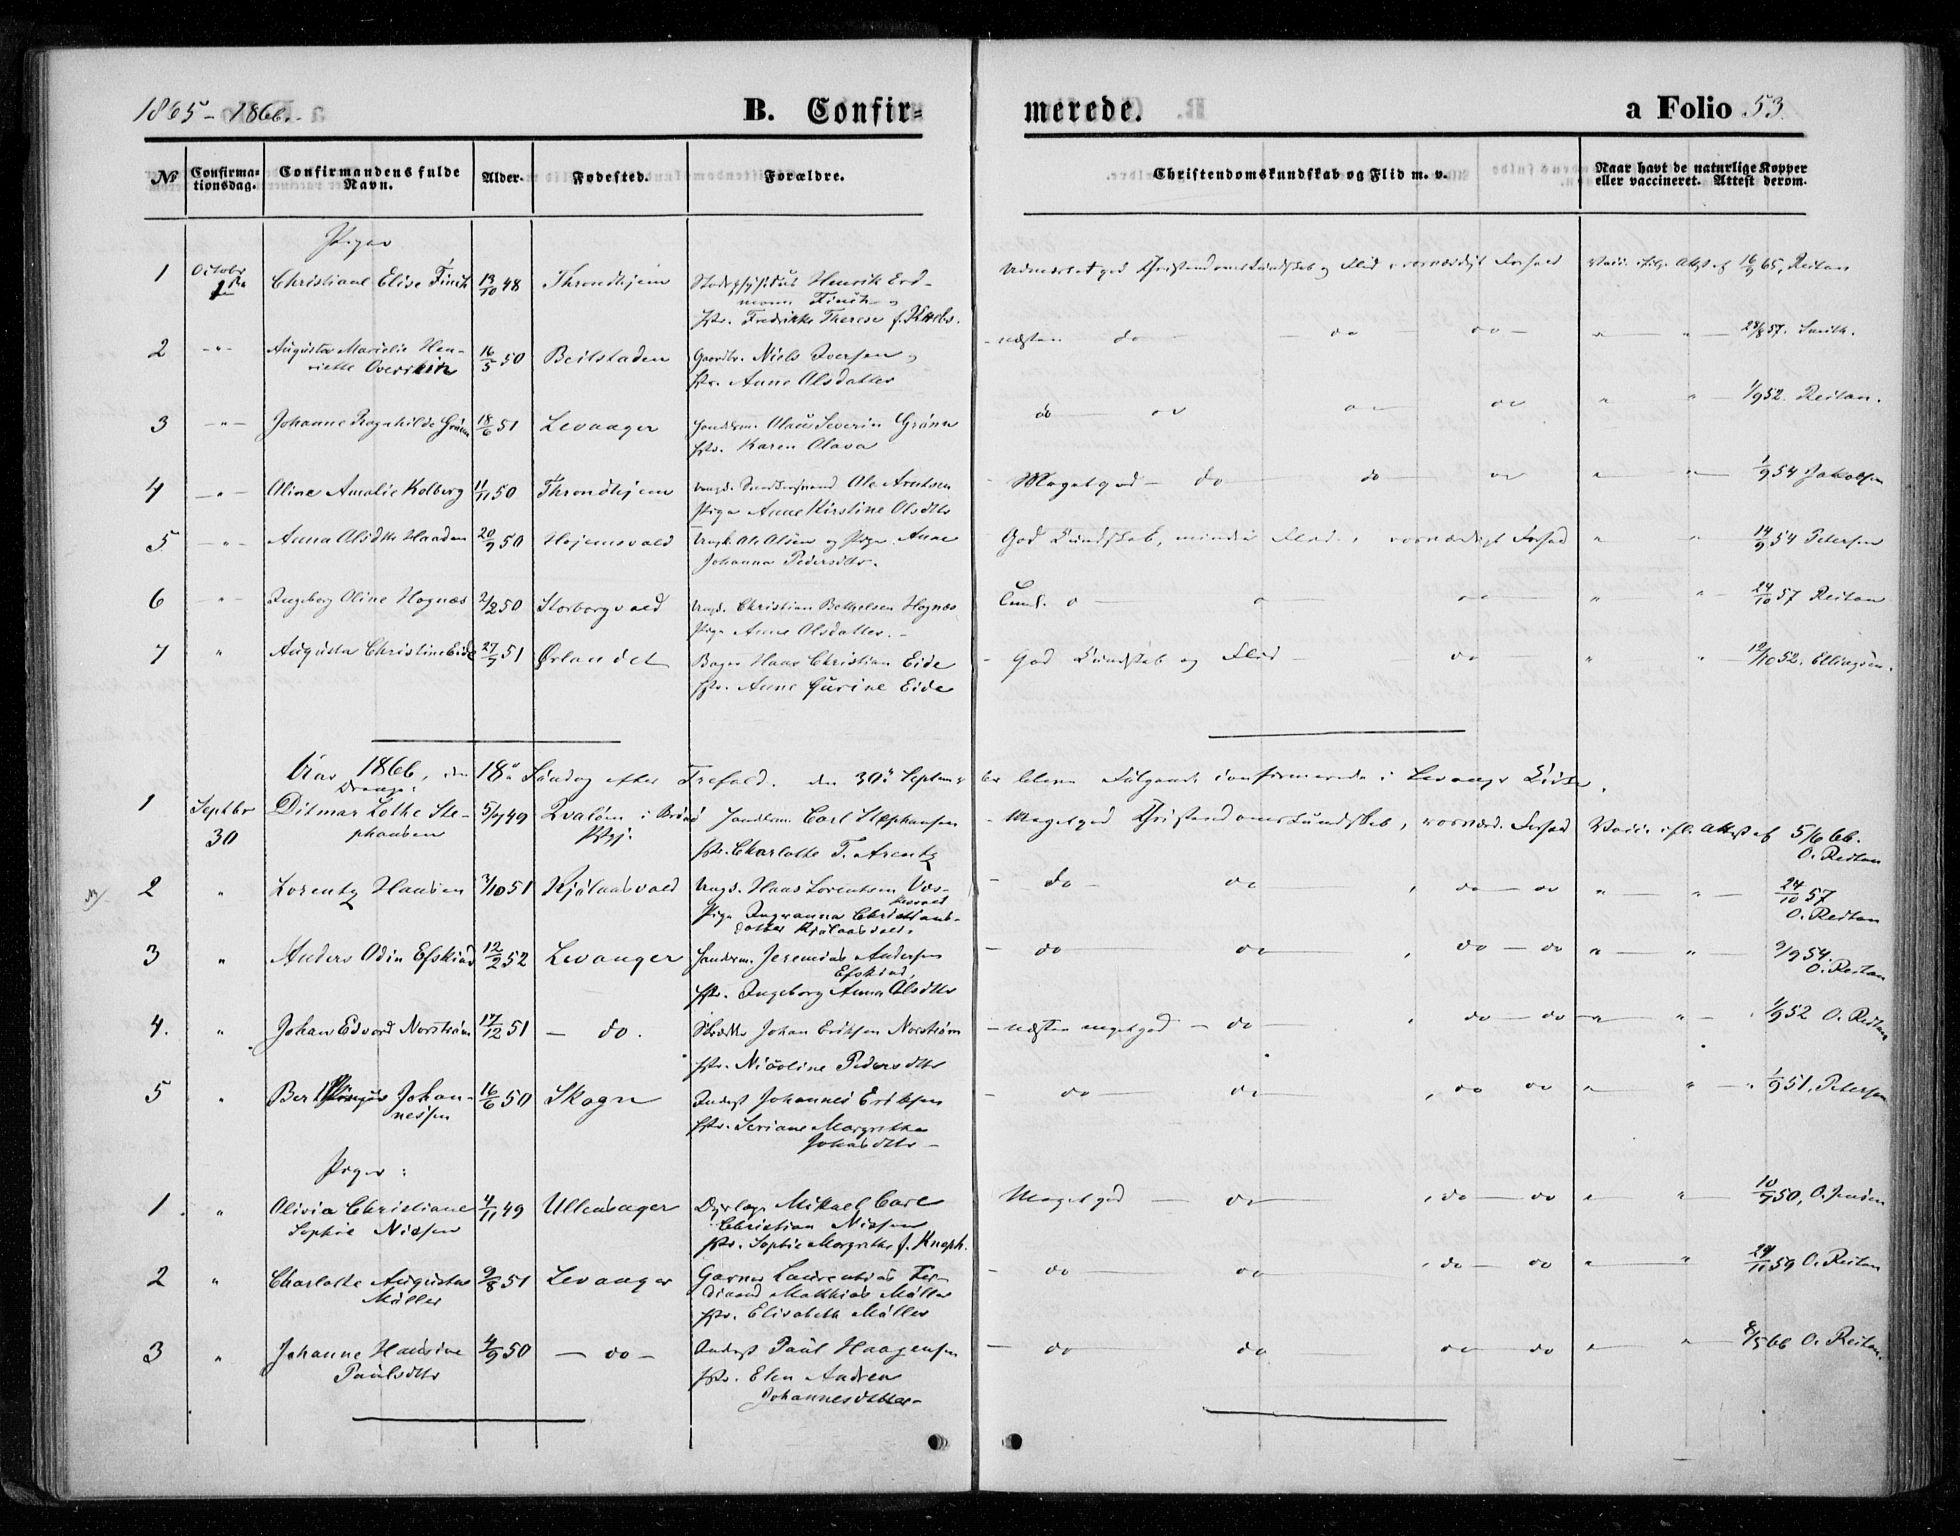 SAT, Ministerialprotokoller, klokkerbøker og fødselsregistre - Nord-Trøndelag, 720/L0186: Ministerialbok nr. 720A03, 1864-1874, s. 53